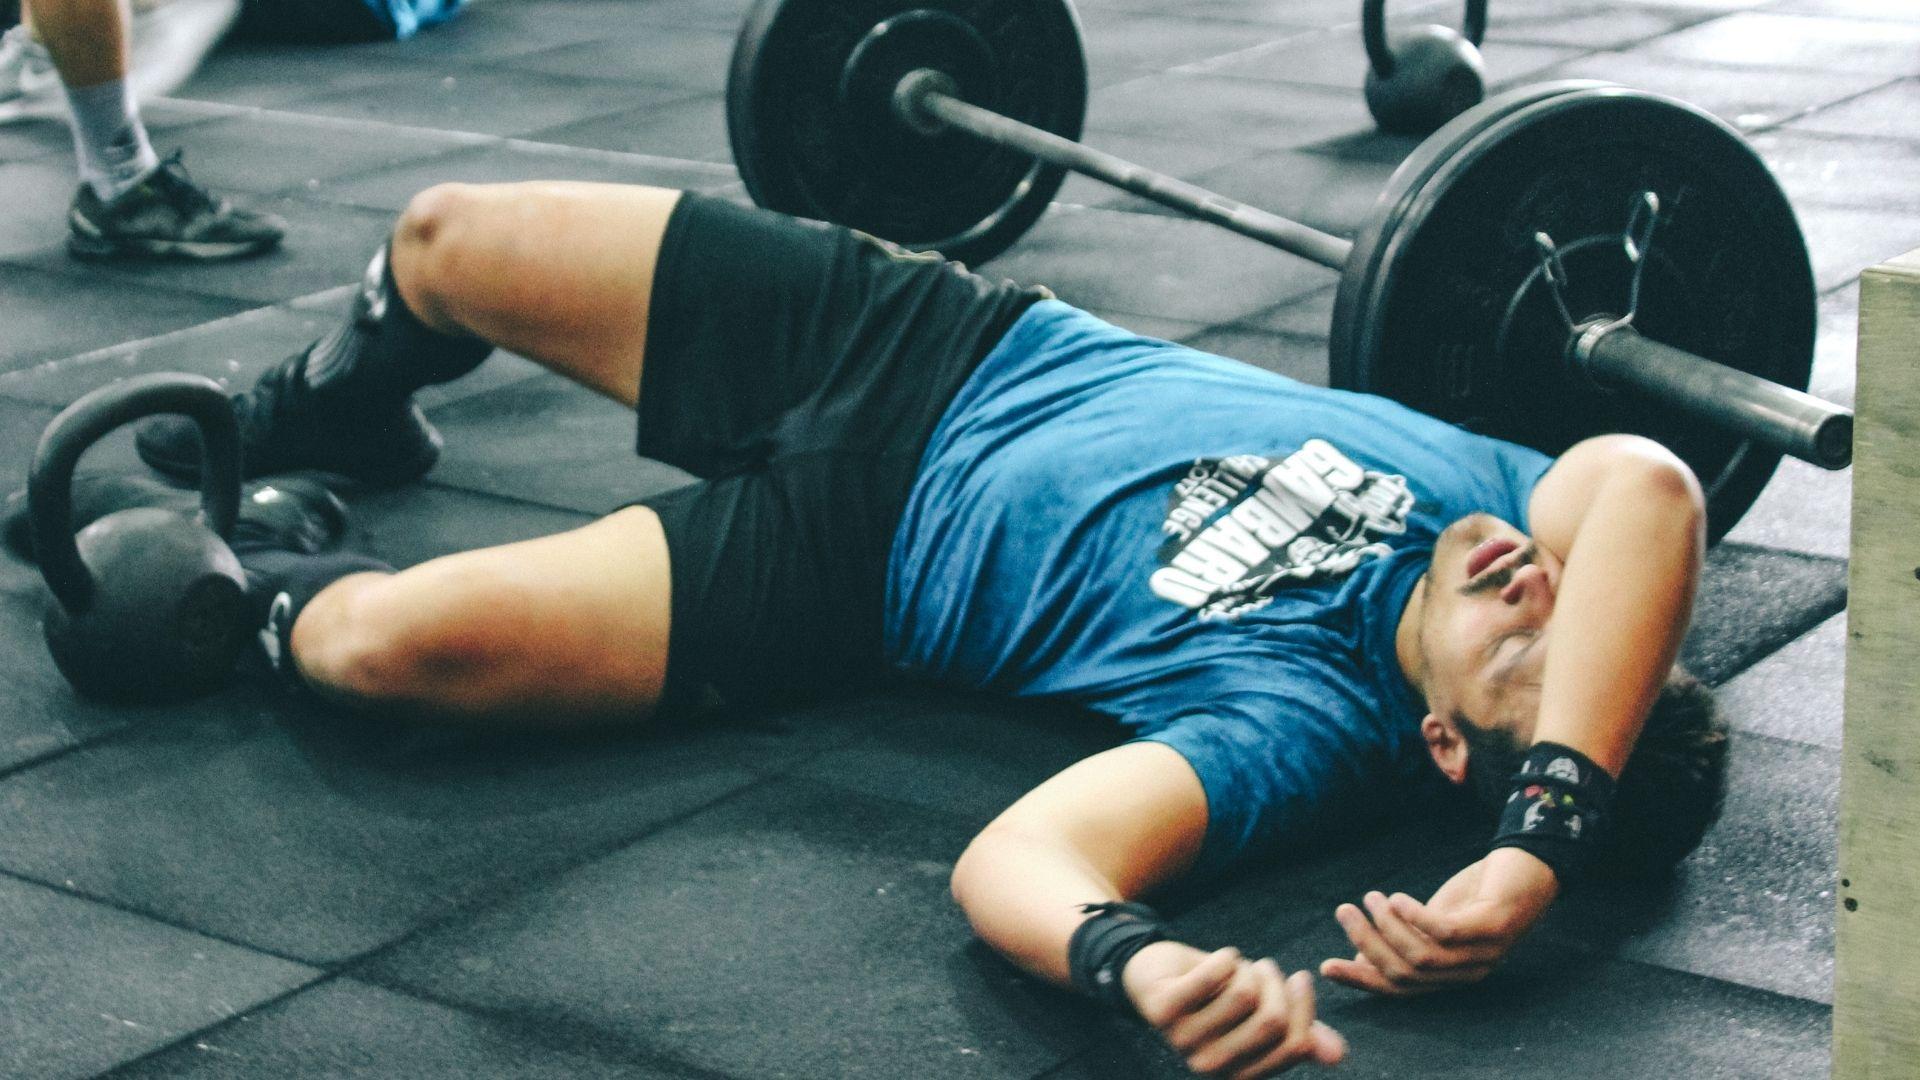 02 Fett abbauen Muskeln aufbauen